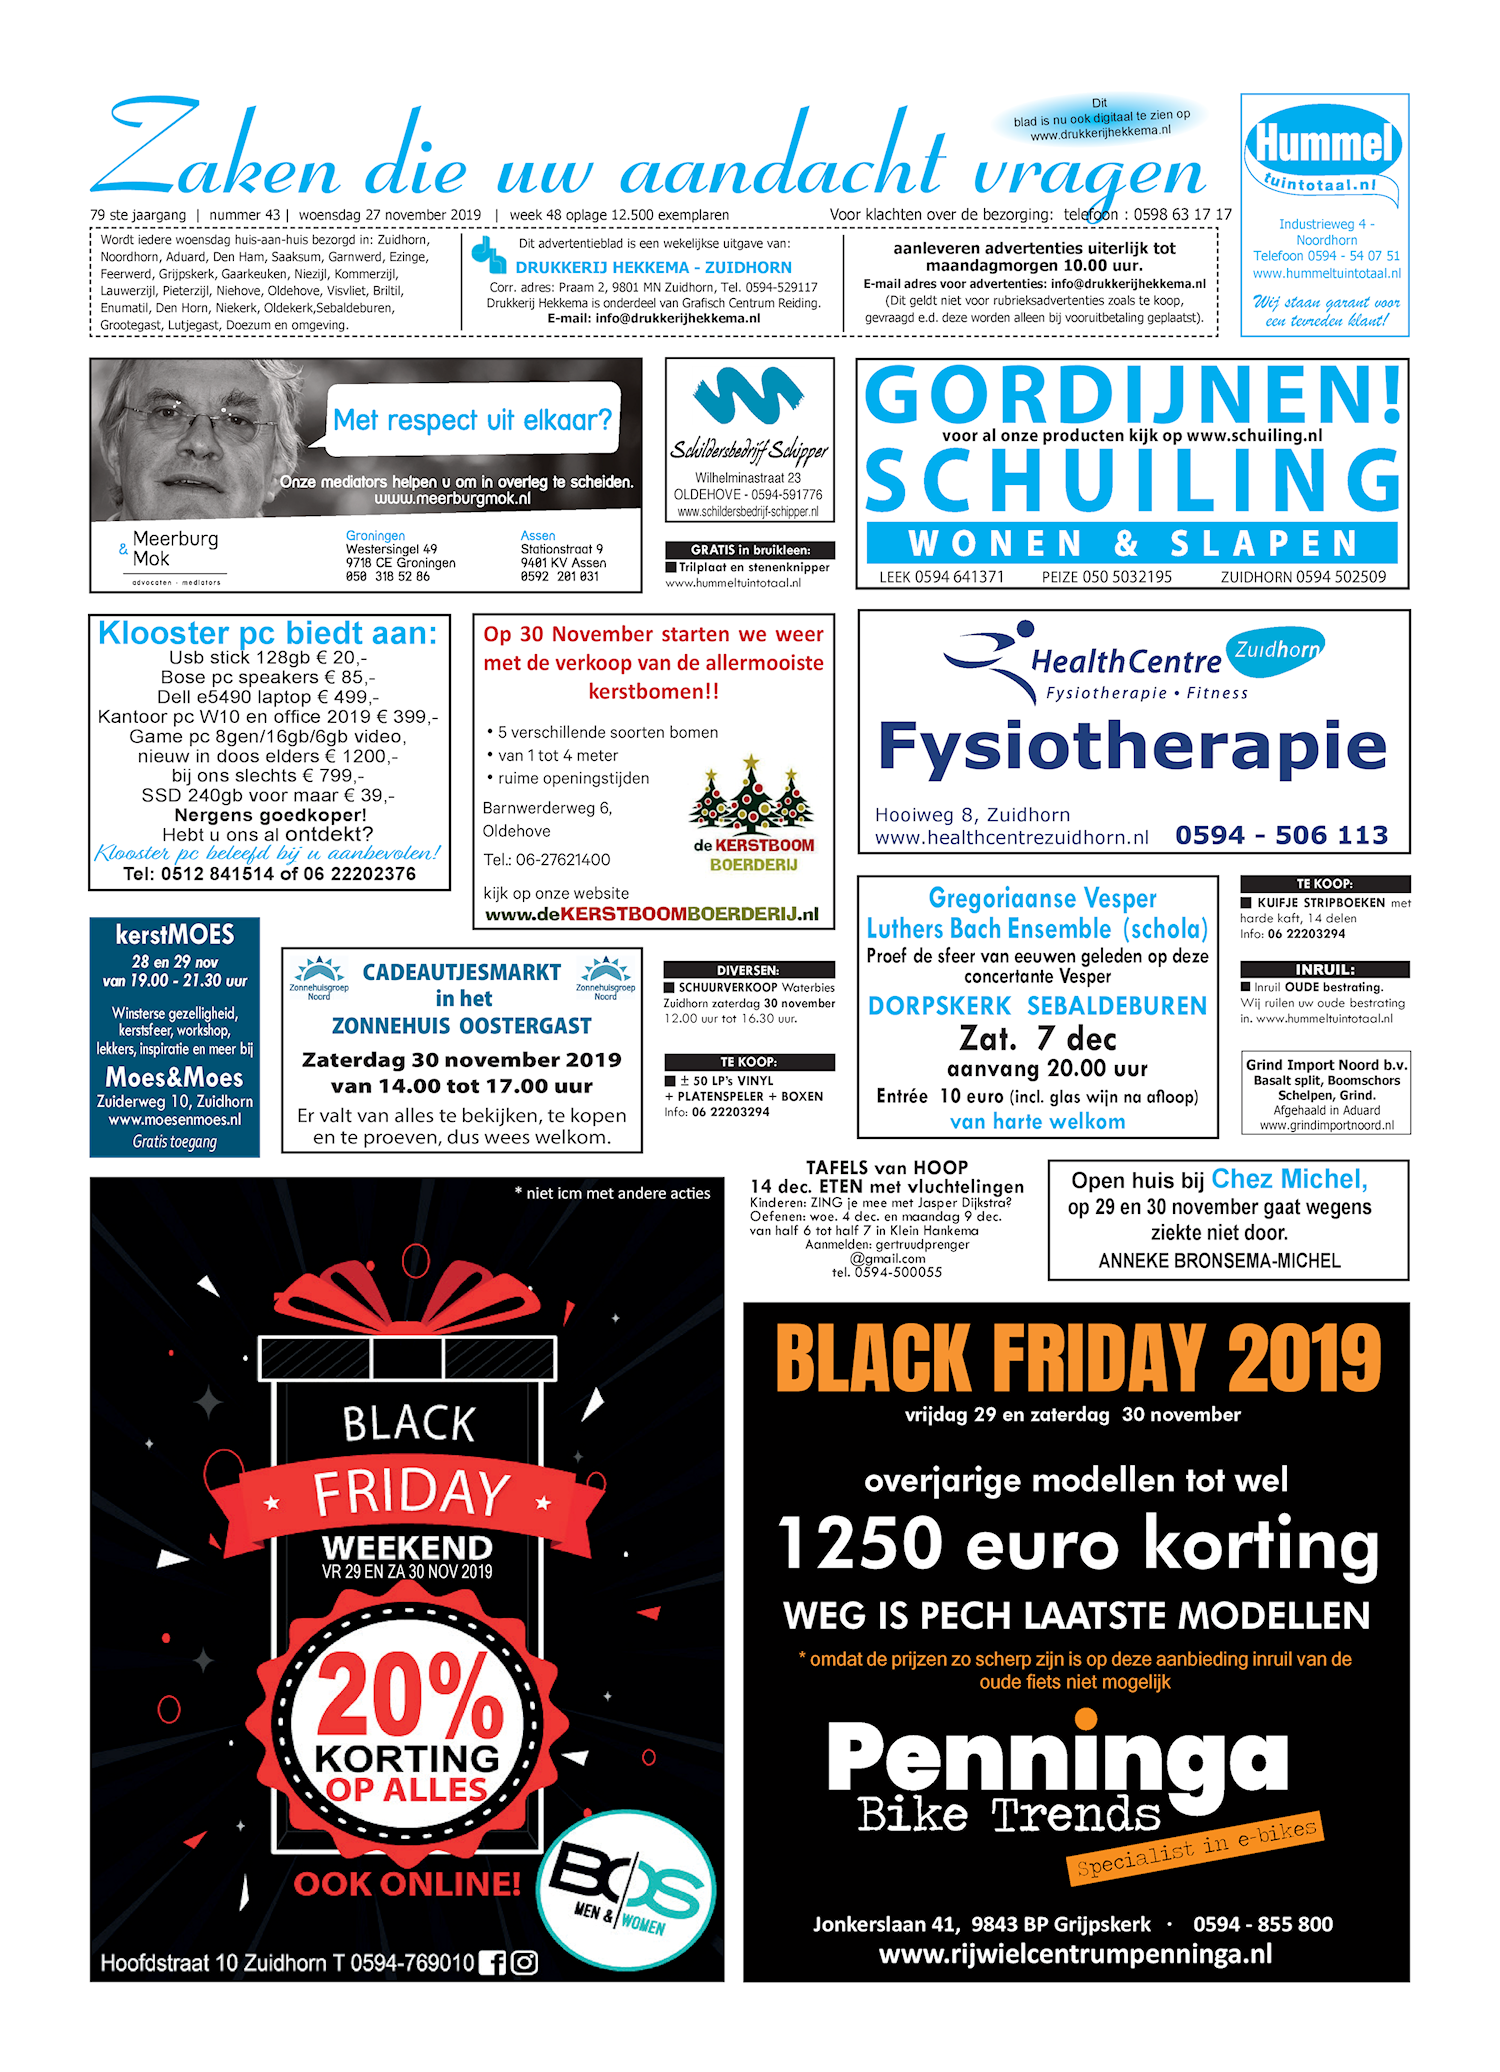 Drukkerij Hekkema - Zuidhorn - Zaken die uw aandacht vragen 2019 week 48